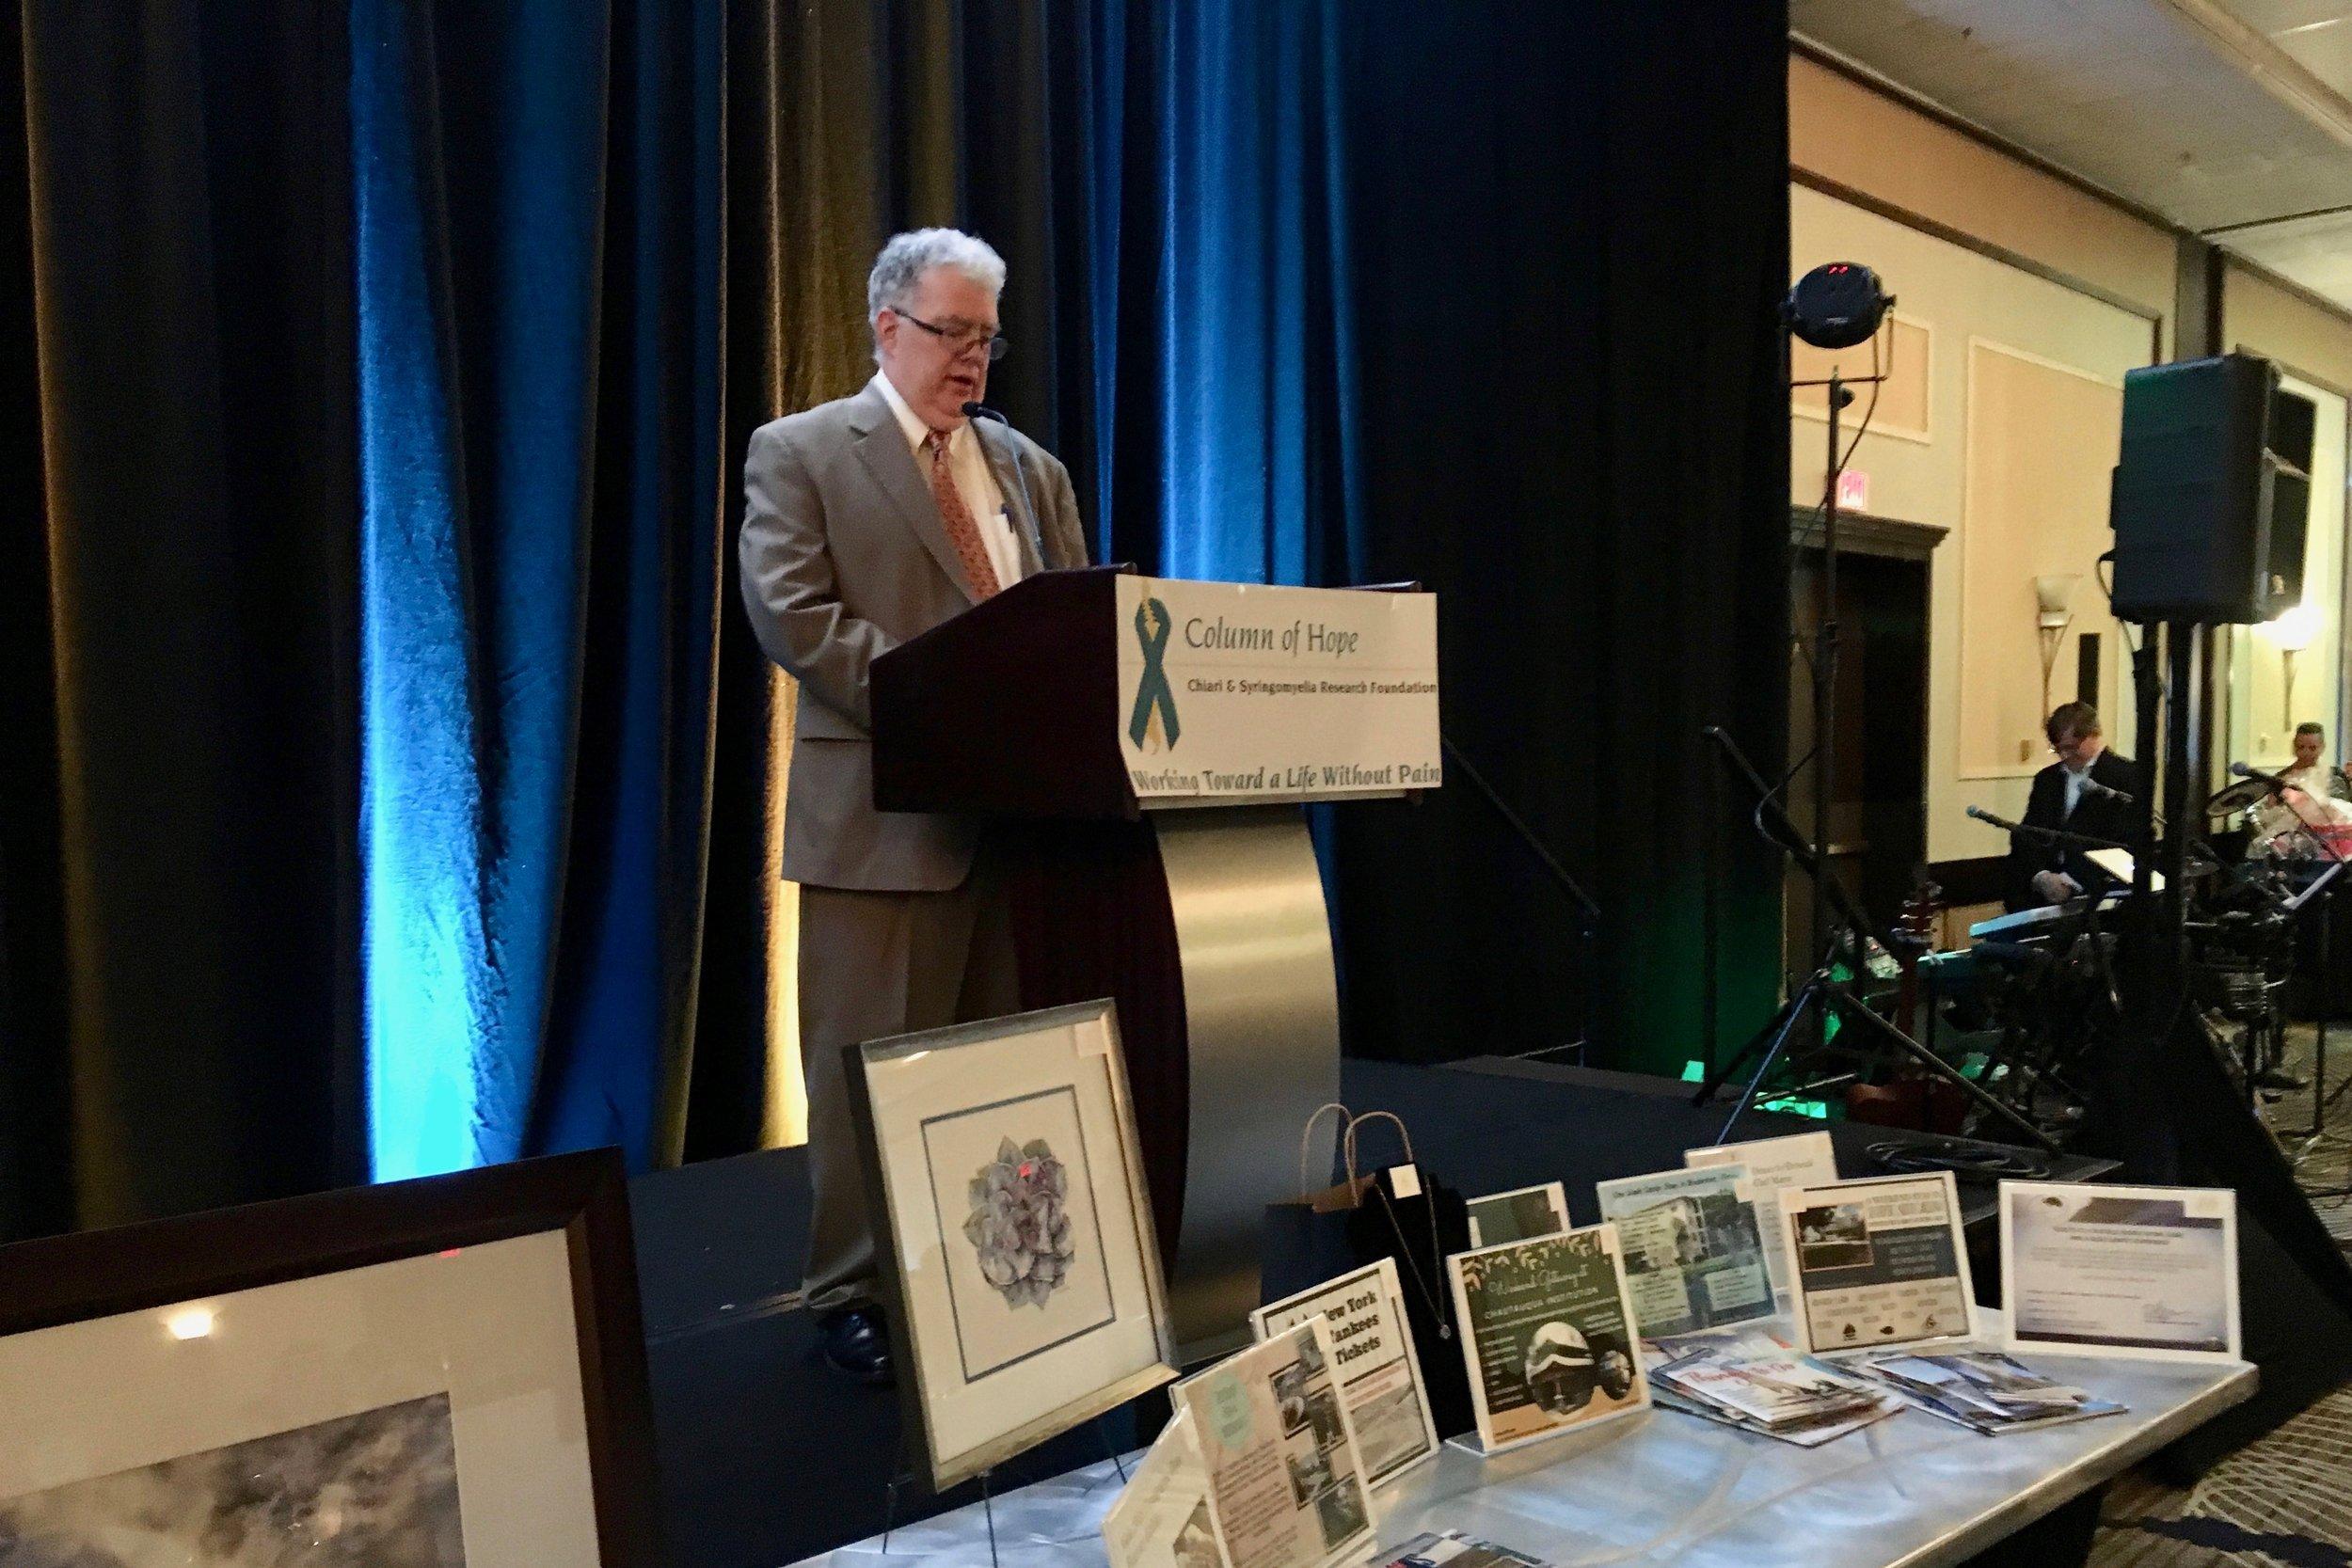 Column of Hope President Mark Kane addresses audience at Column of Hope 2015 Gala.